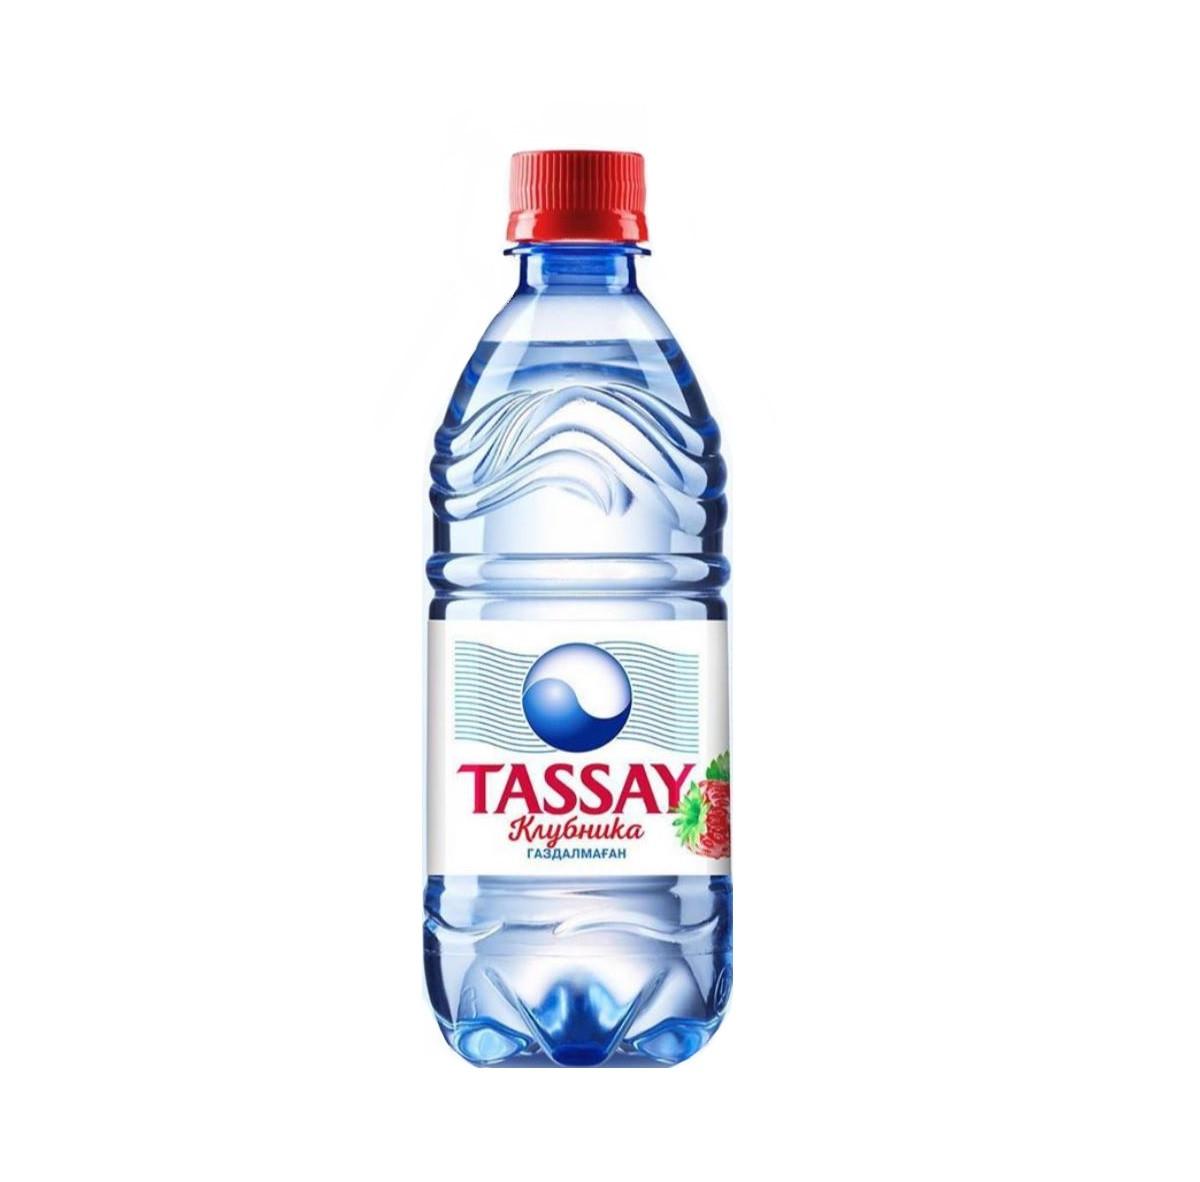 Вода негазированная питьевая Tassay клубника без газа 0,5 л